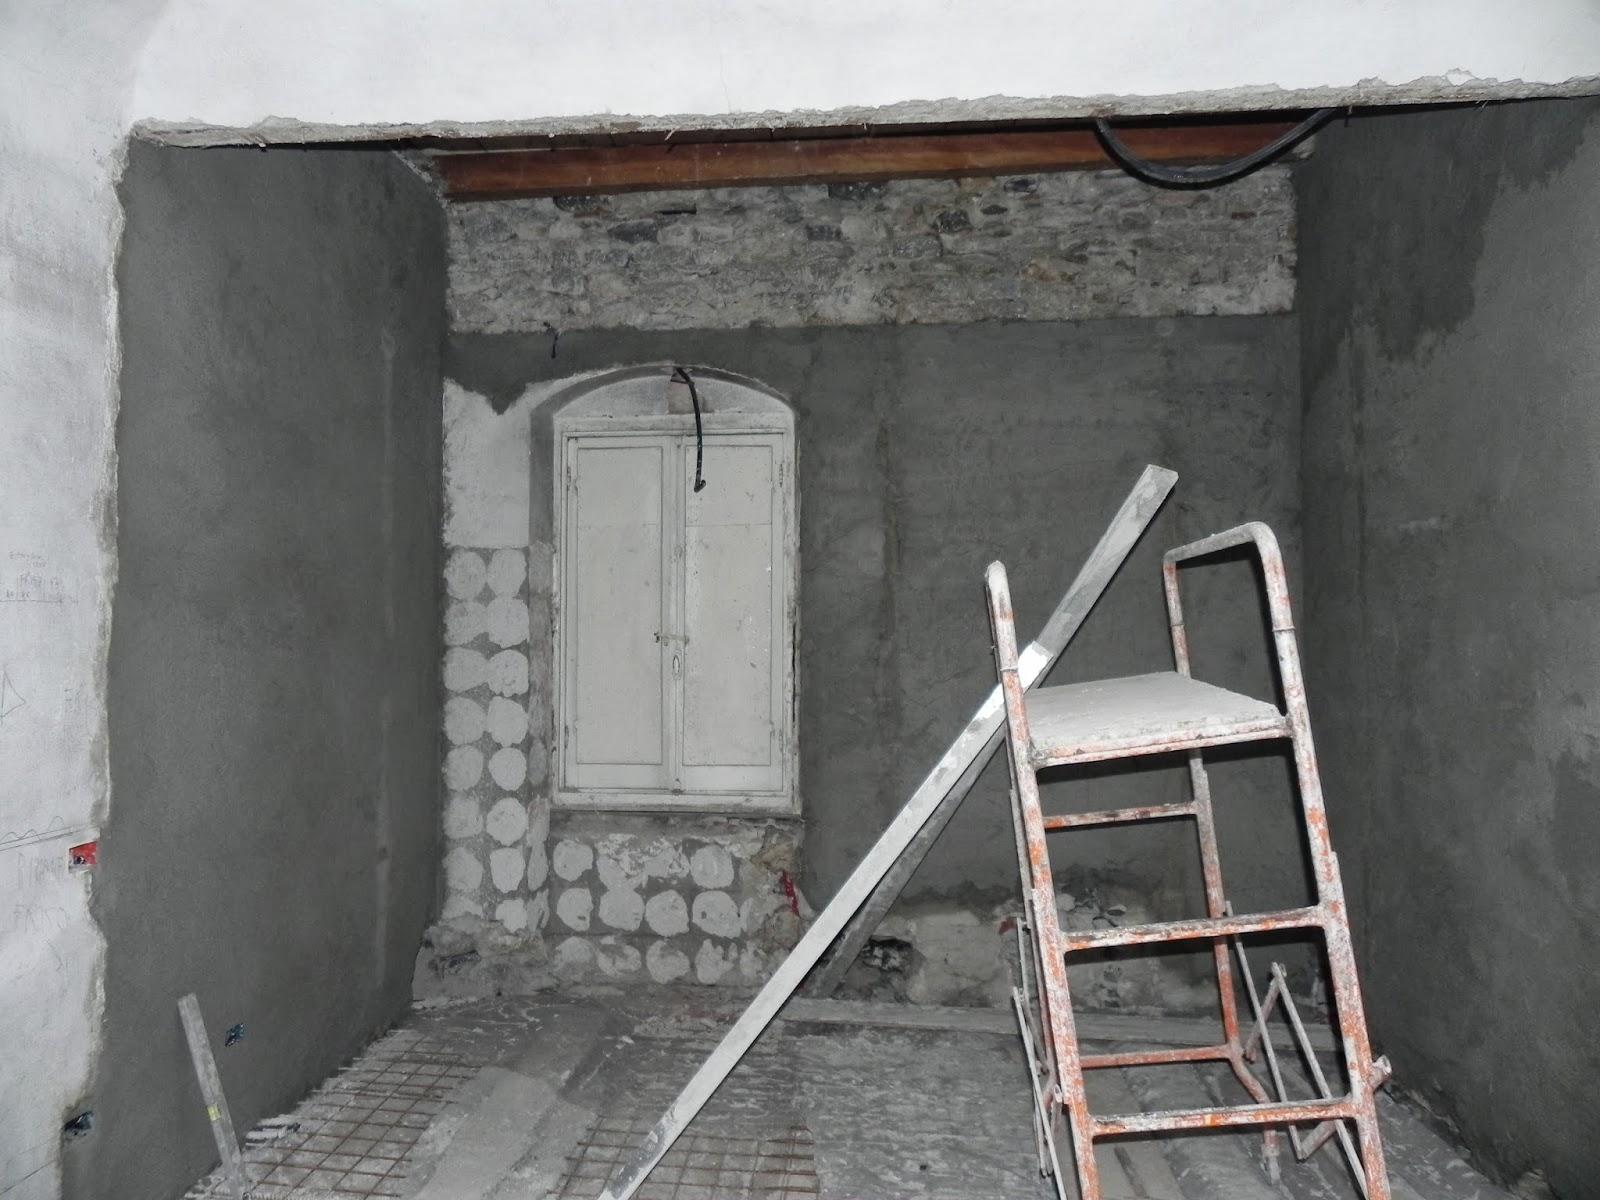 Dipingere Perline Soffitto : Dipingere Il Soffitto Colorato: Come ...